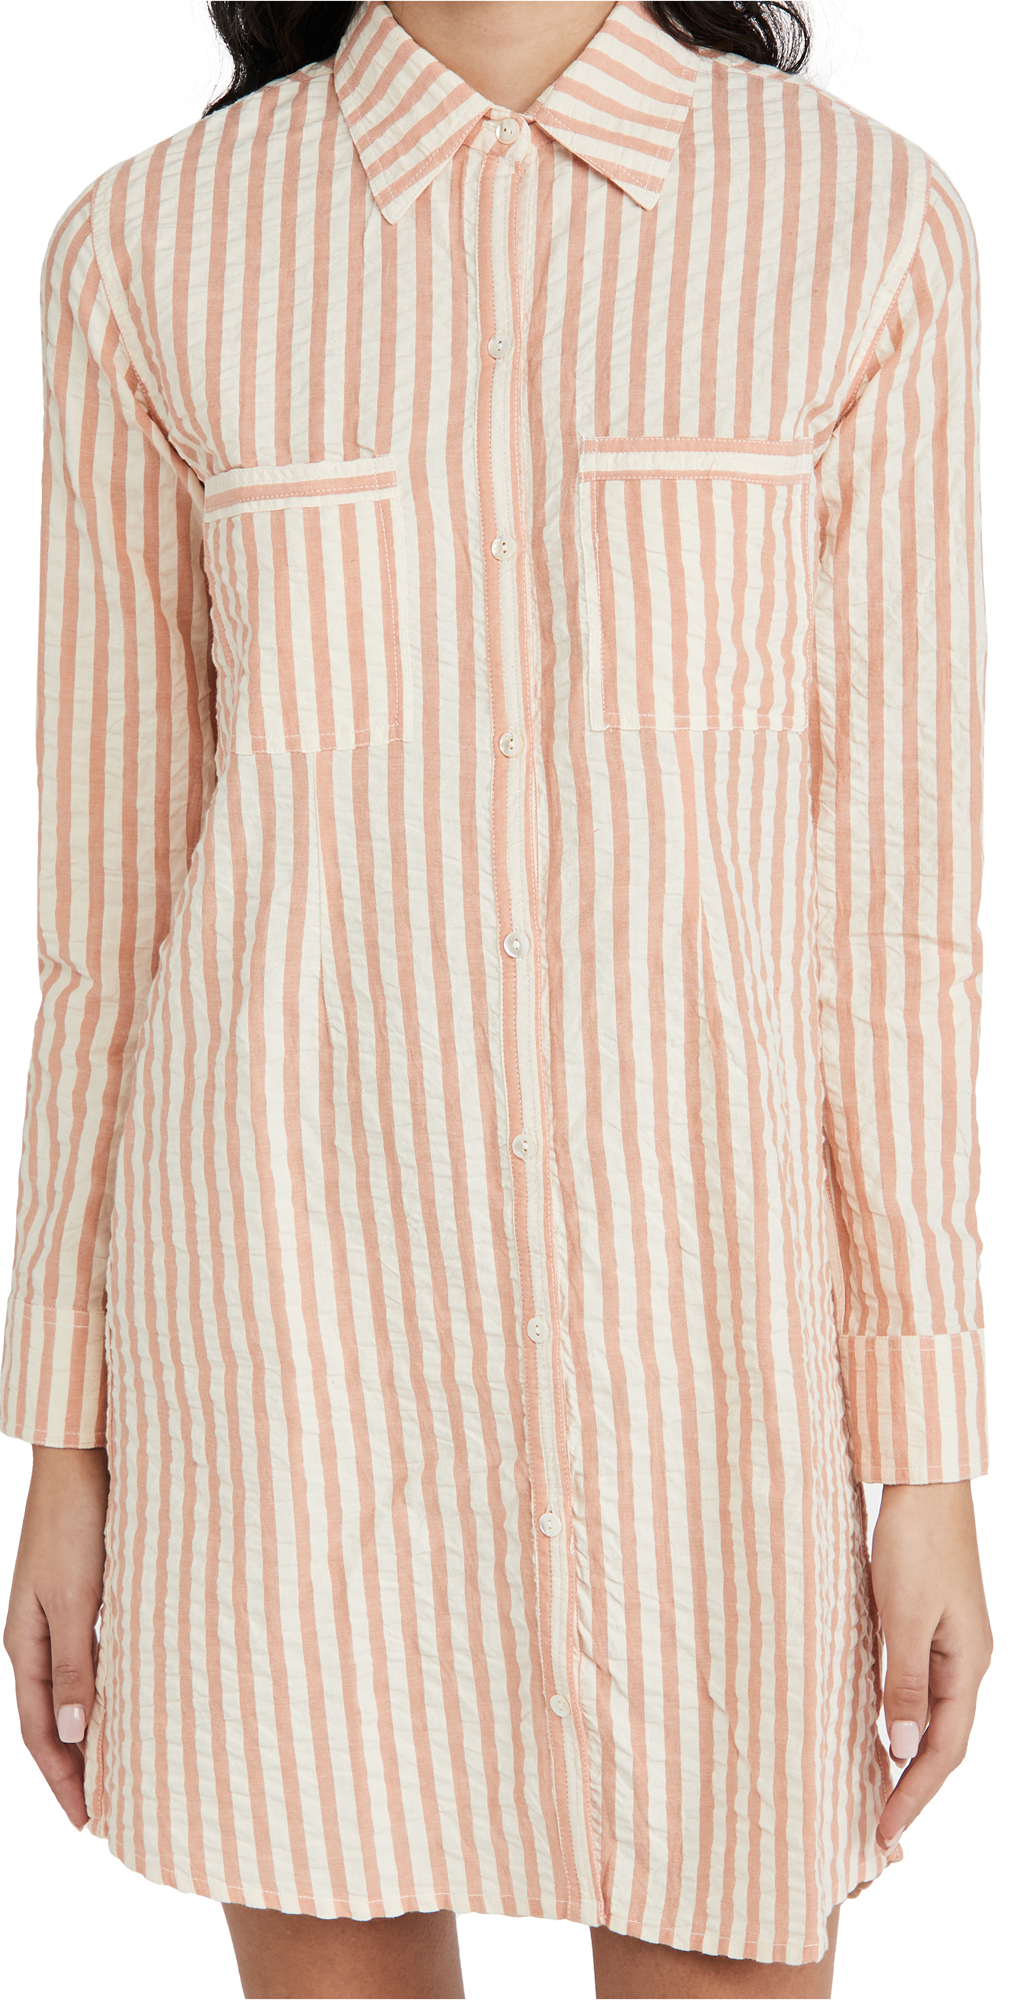 Roller Rabbit Lur Shirt Dress